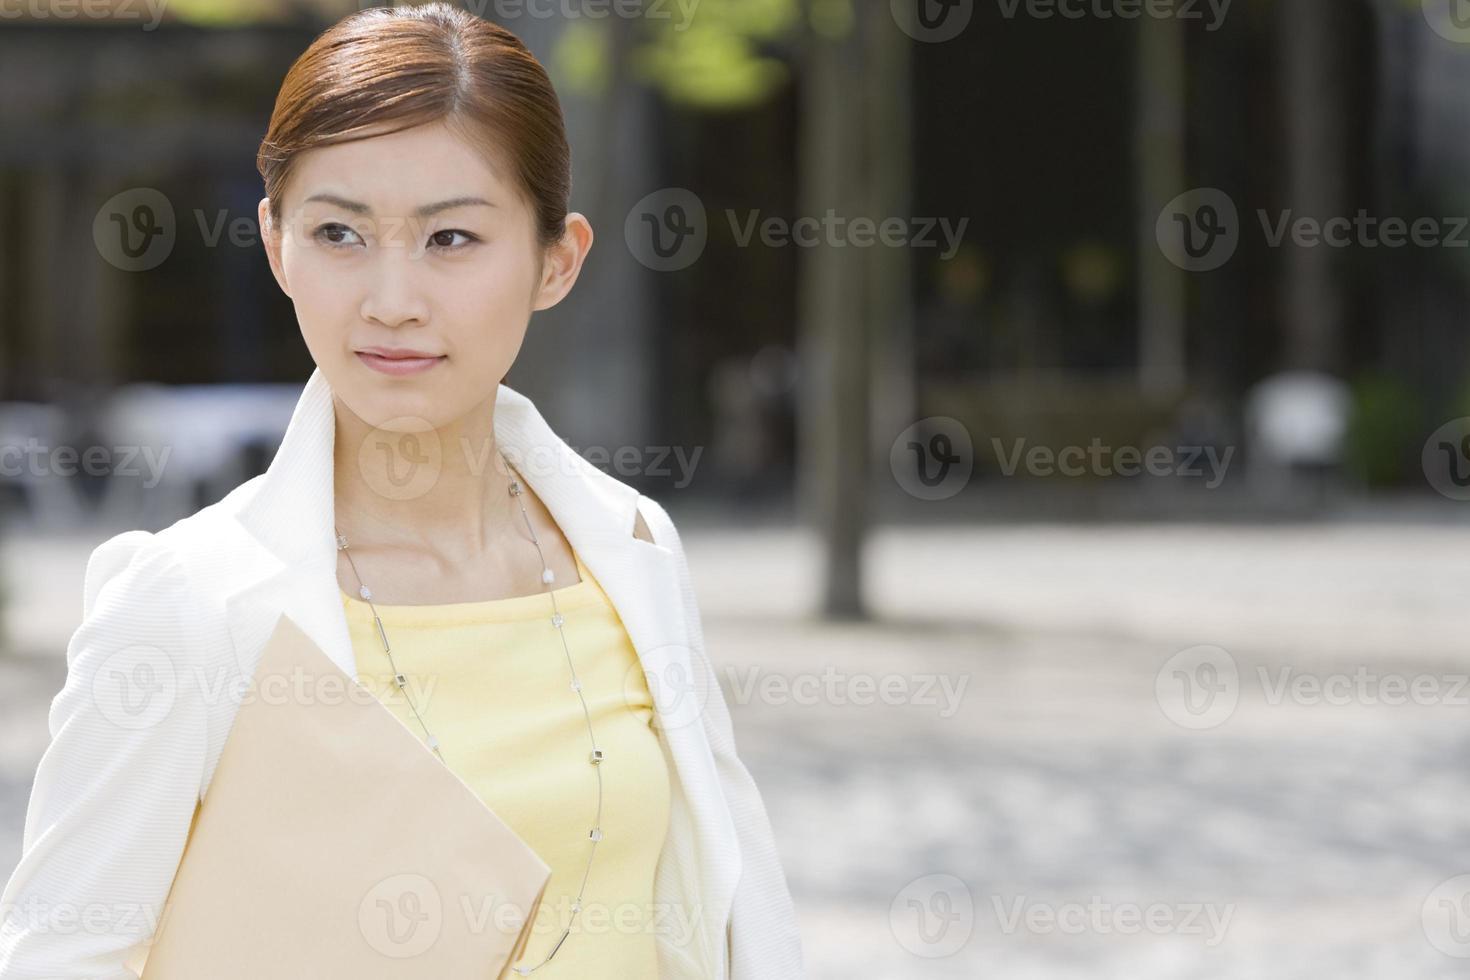 vrouw met documenten foto